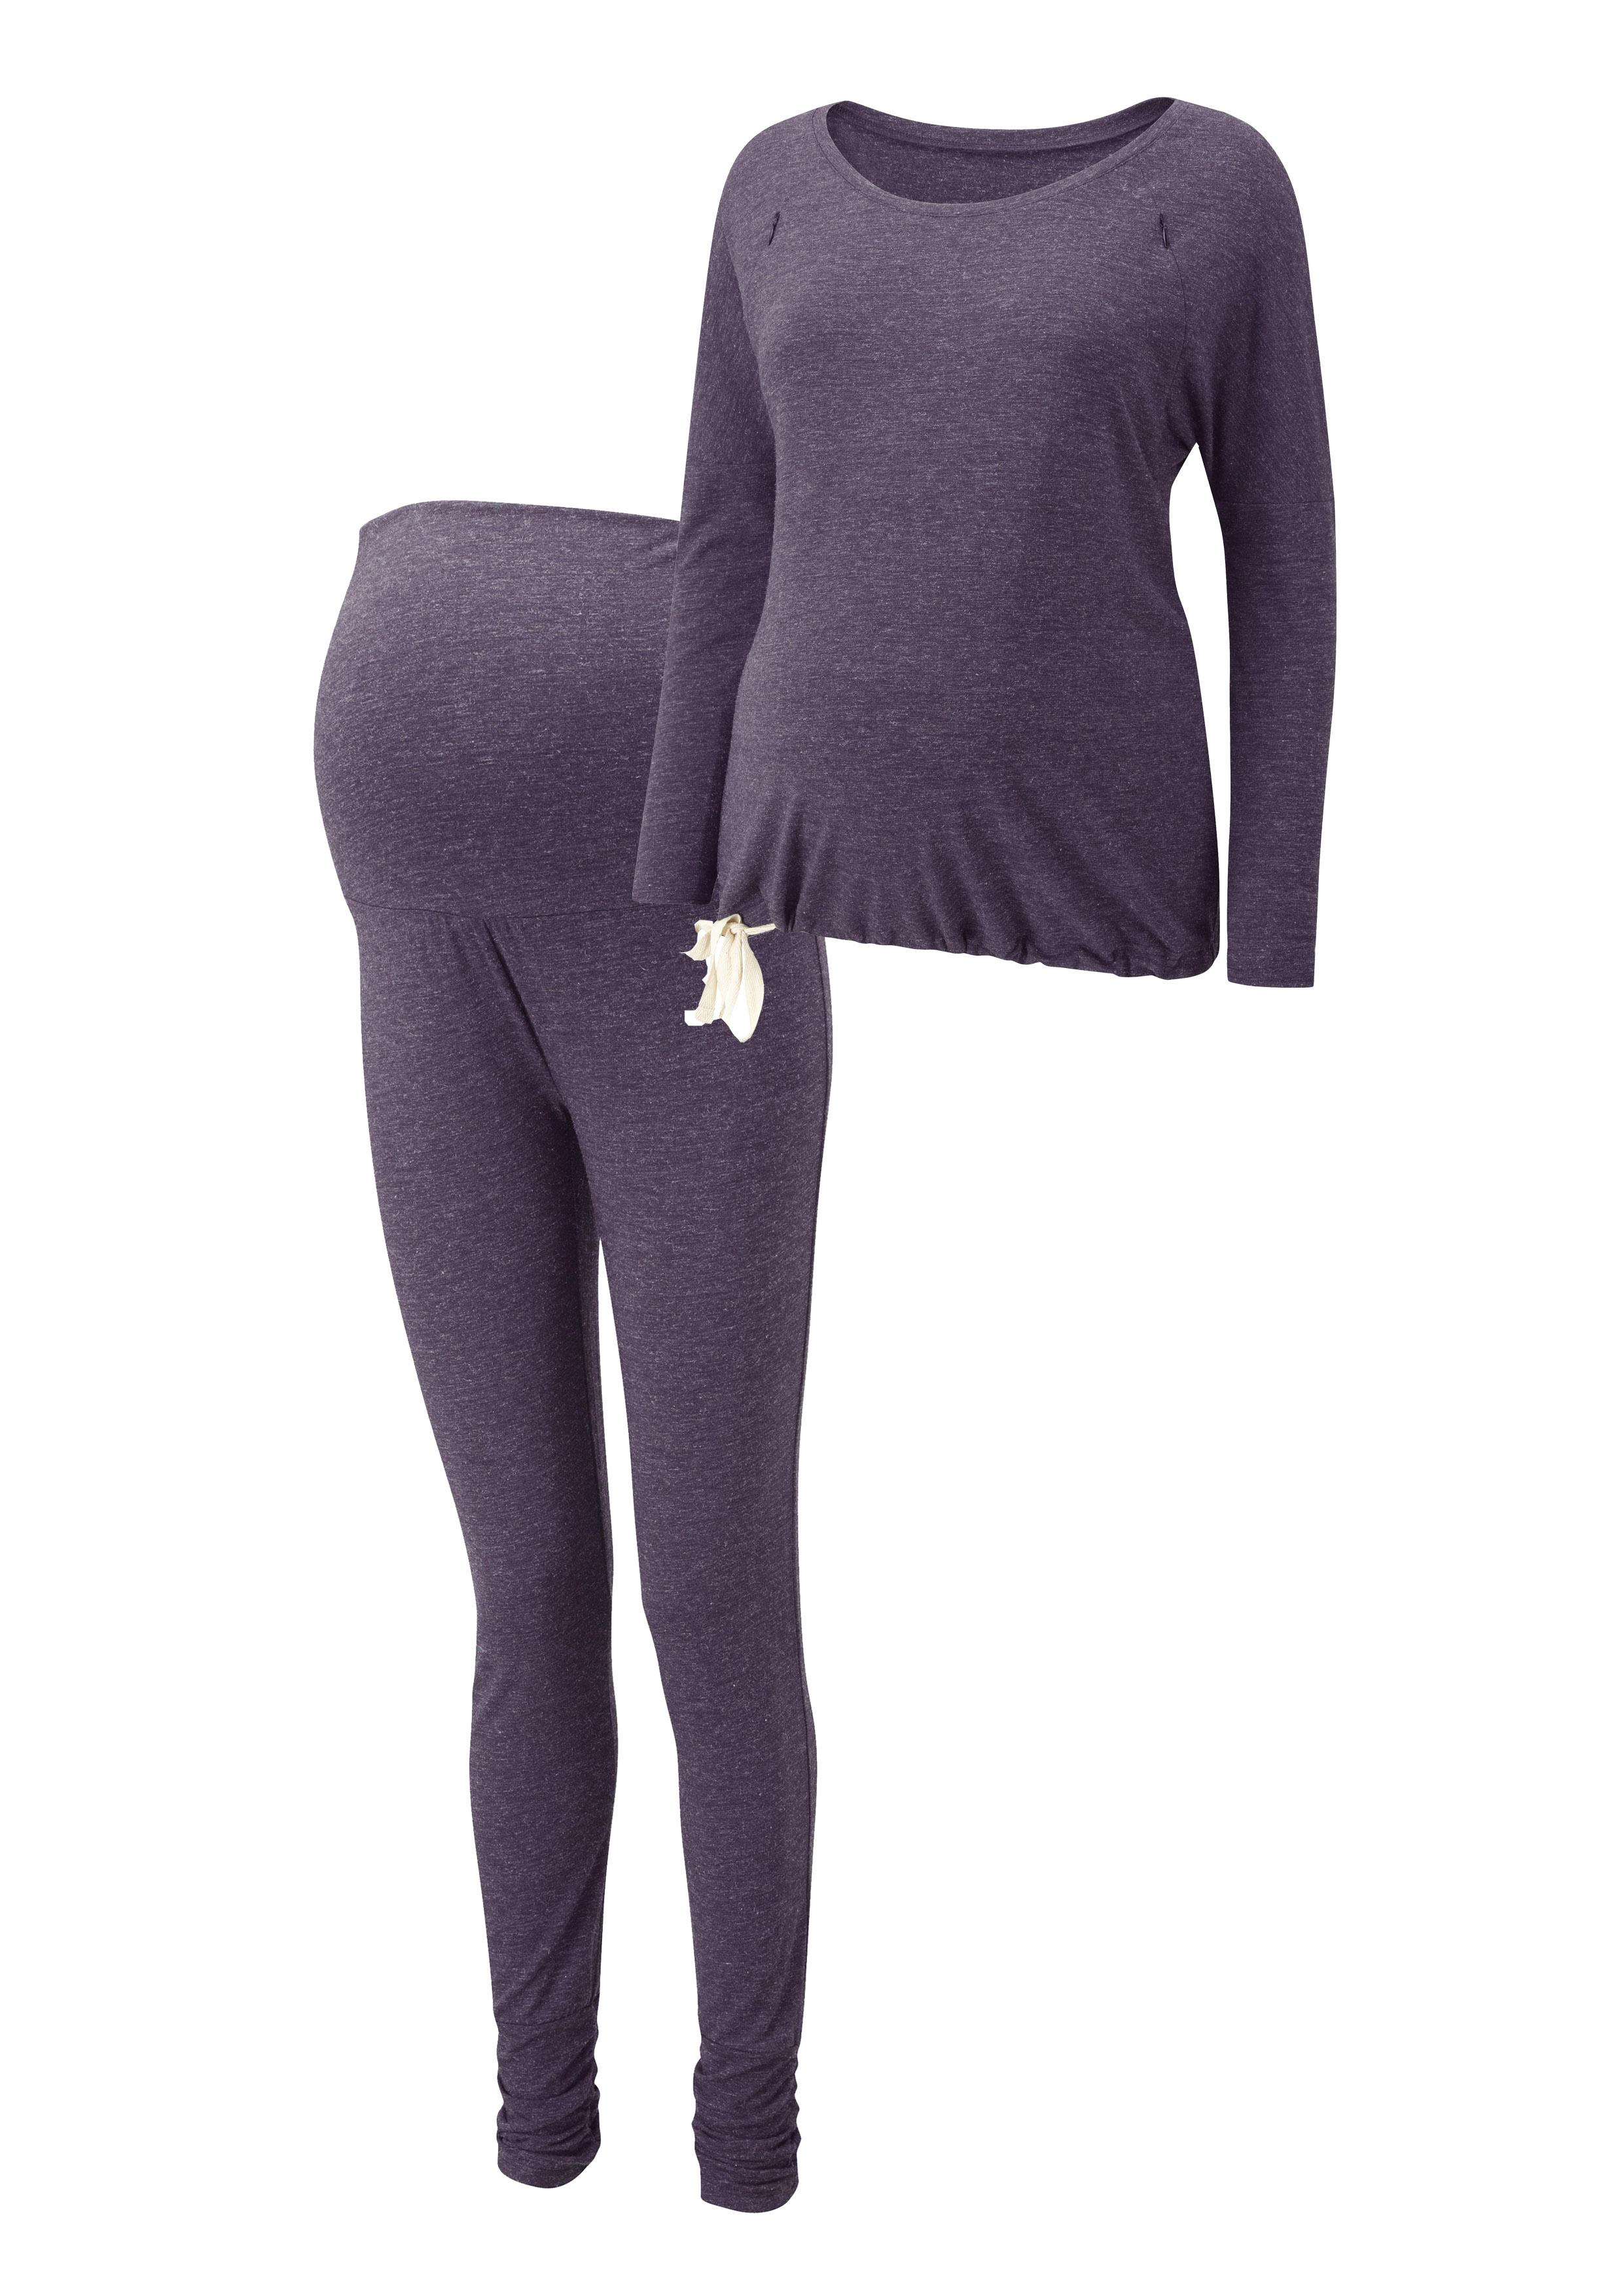 loungerwear | set aubergine